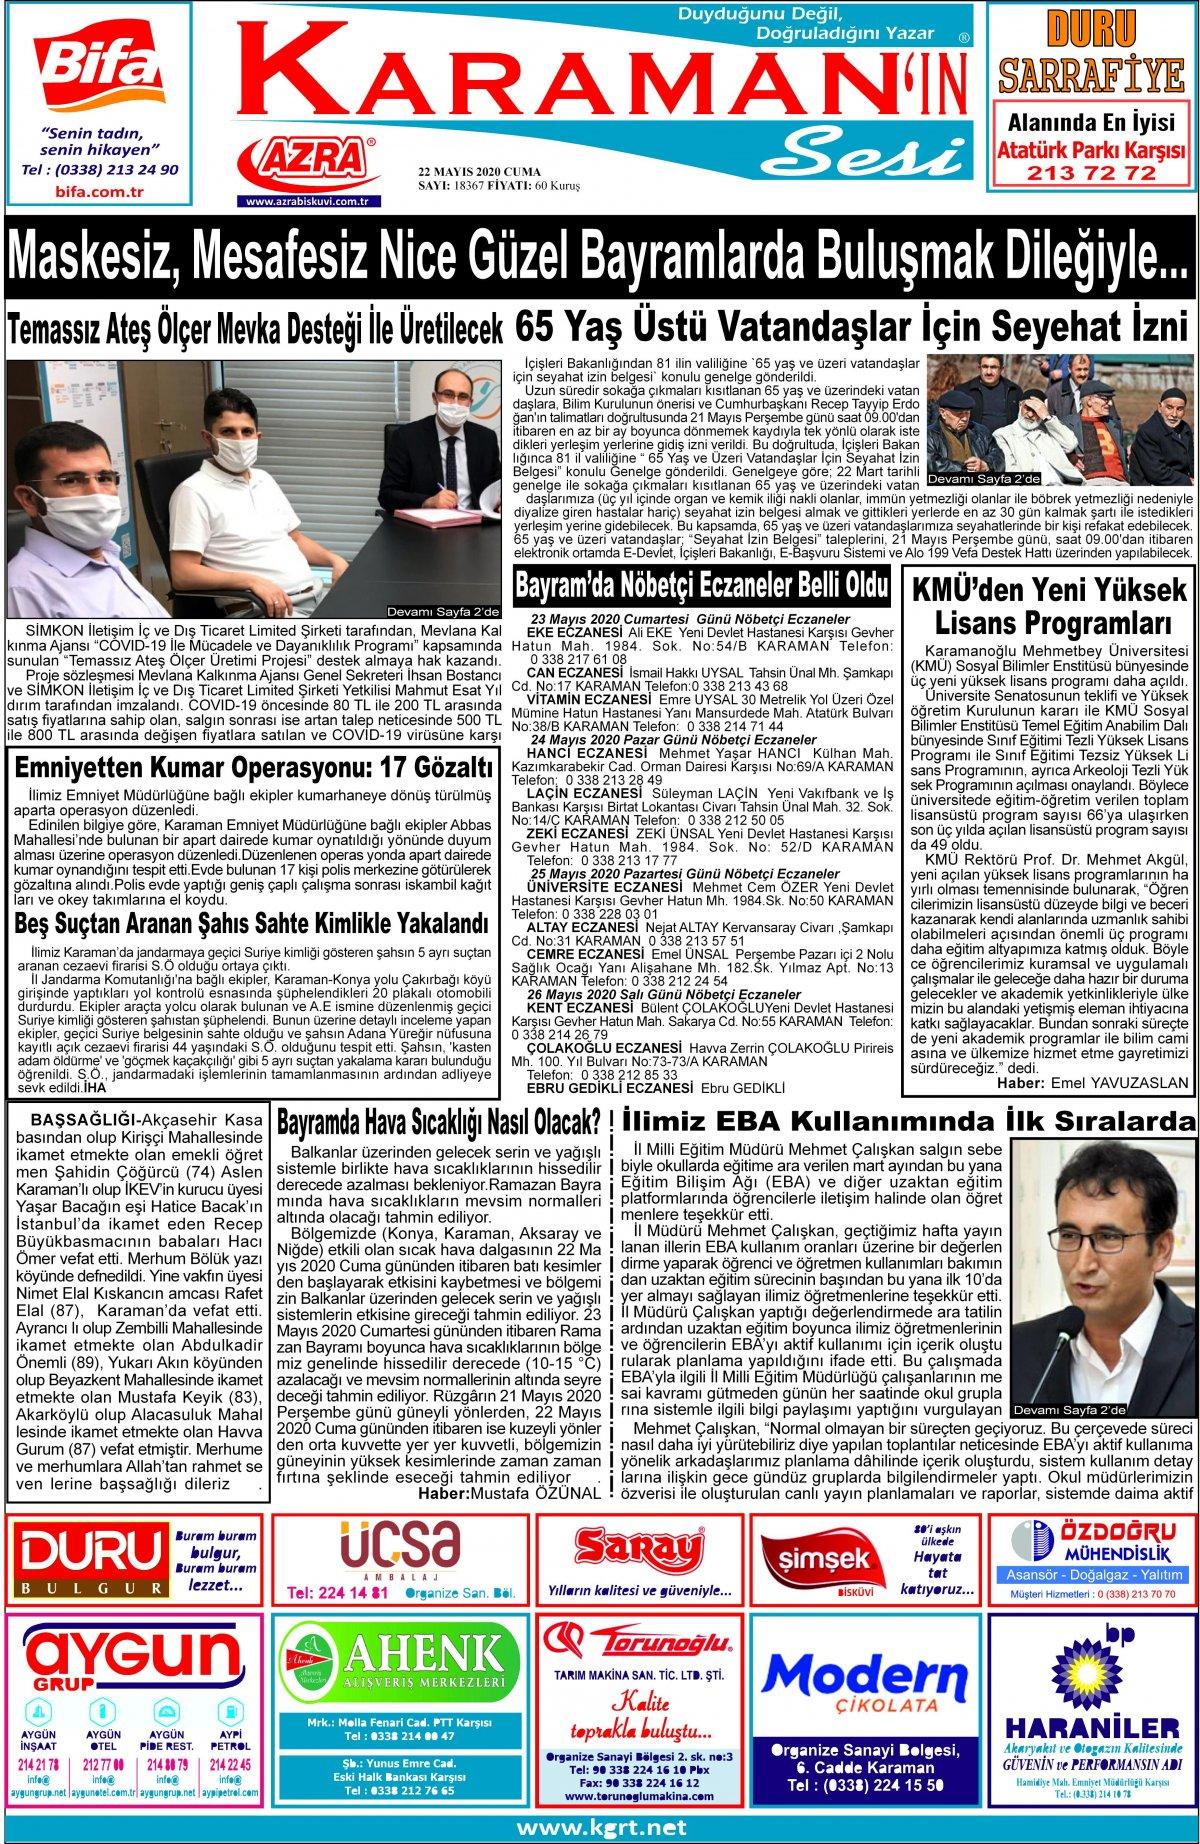 www.kgrt.net | Karaman Haber - 22.05.2020 Manşeti